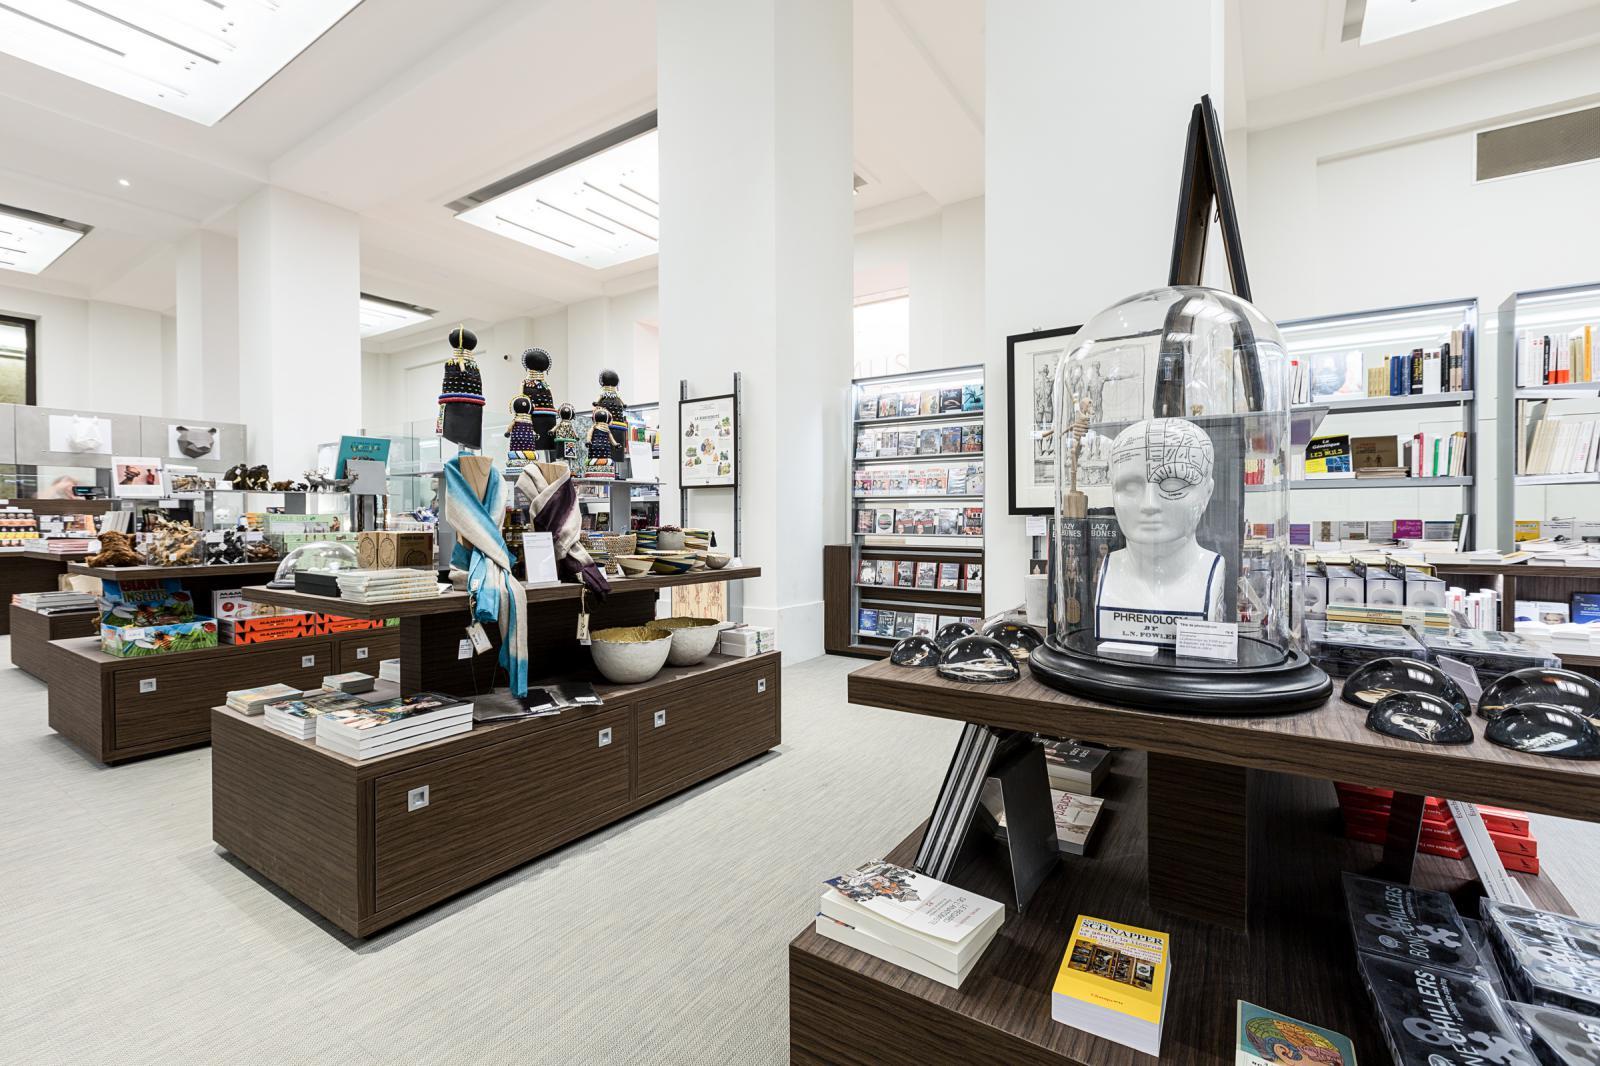 boutique mus e de l 39 homme yann audino photographe. Black Bedroom Furniture Sets. Home Design Ideas